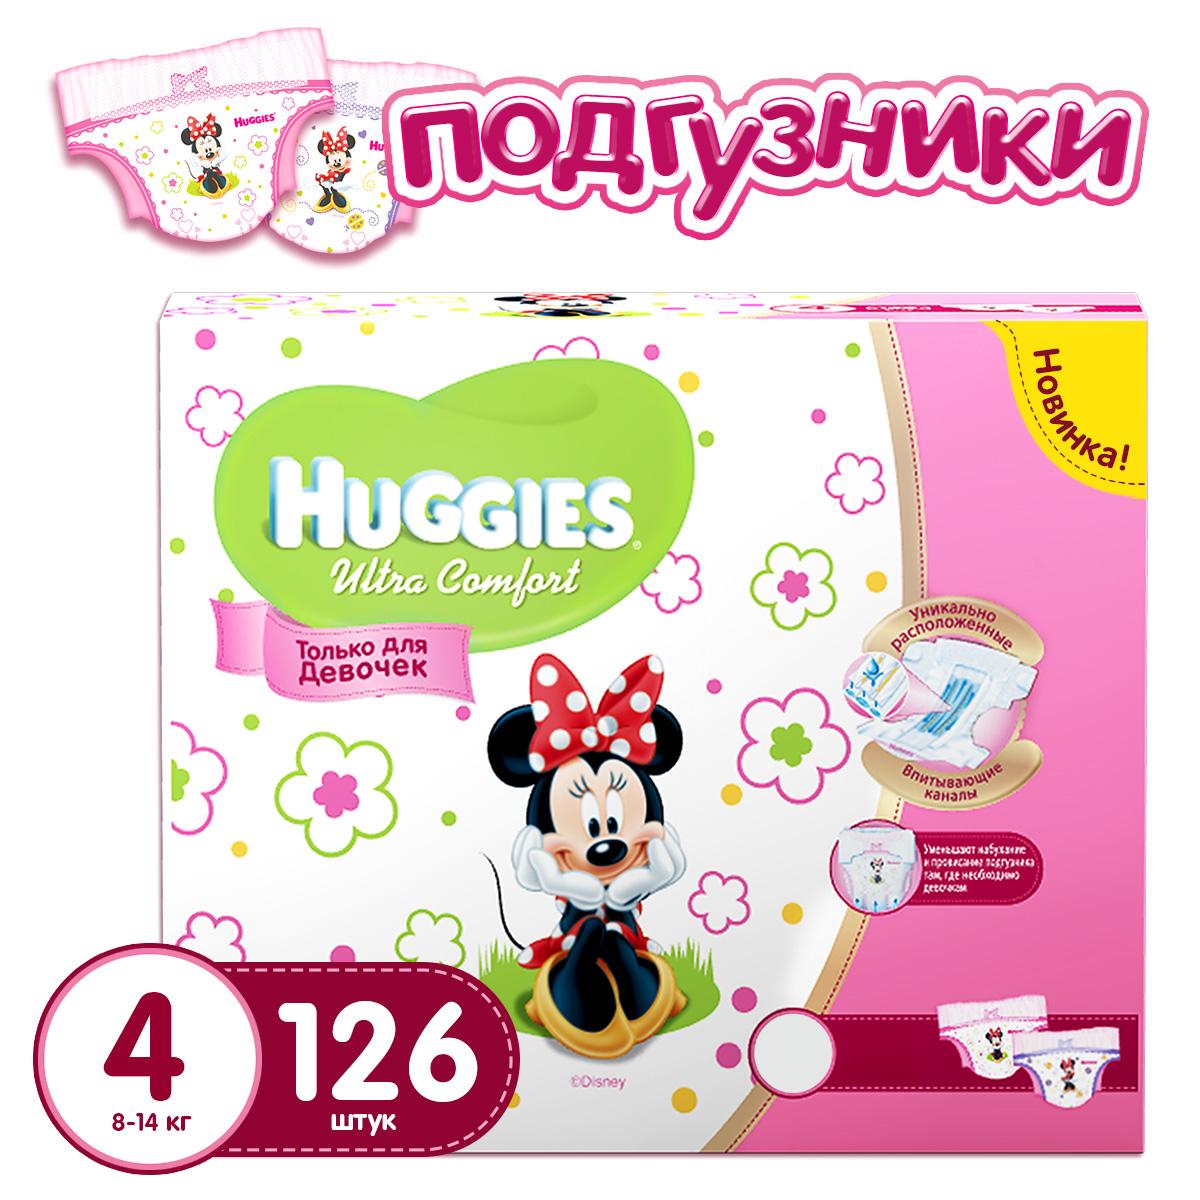 Подгузники Huggies Ultra Comfort Disney для девочек 8-14 кг (126 шт) Размер 4<br>